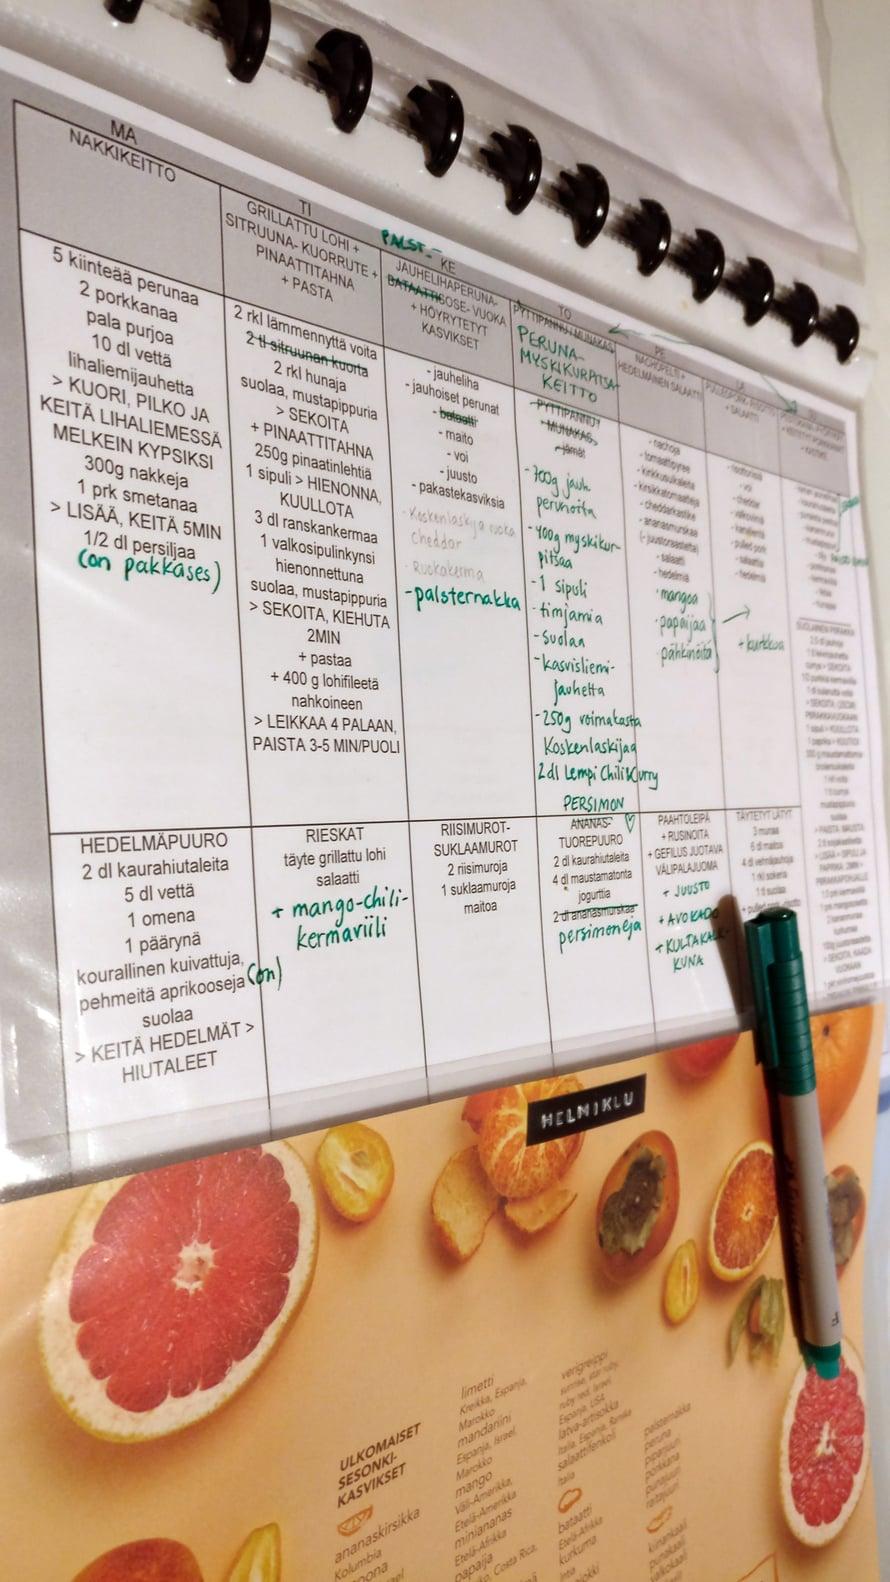 Ruokalista pysyy siistinä muovitaskussa, johon on helppo tehdä muutoksia poispyyhittävällä tussilla. Annika muuttaa reseptien vihannekset ja hedelmät viikoittain satokausikalenterin mukaisiksi.